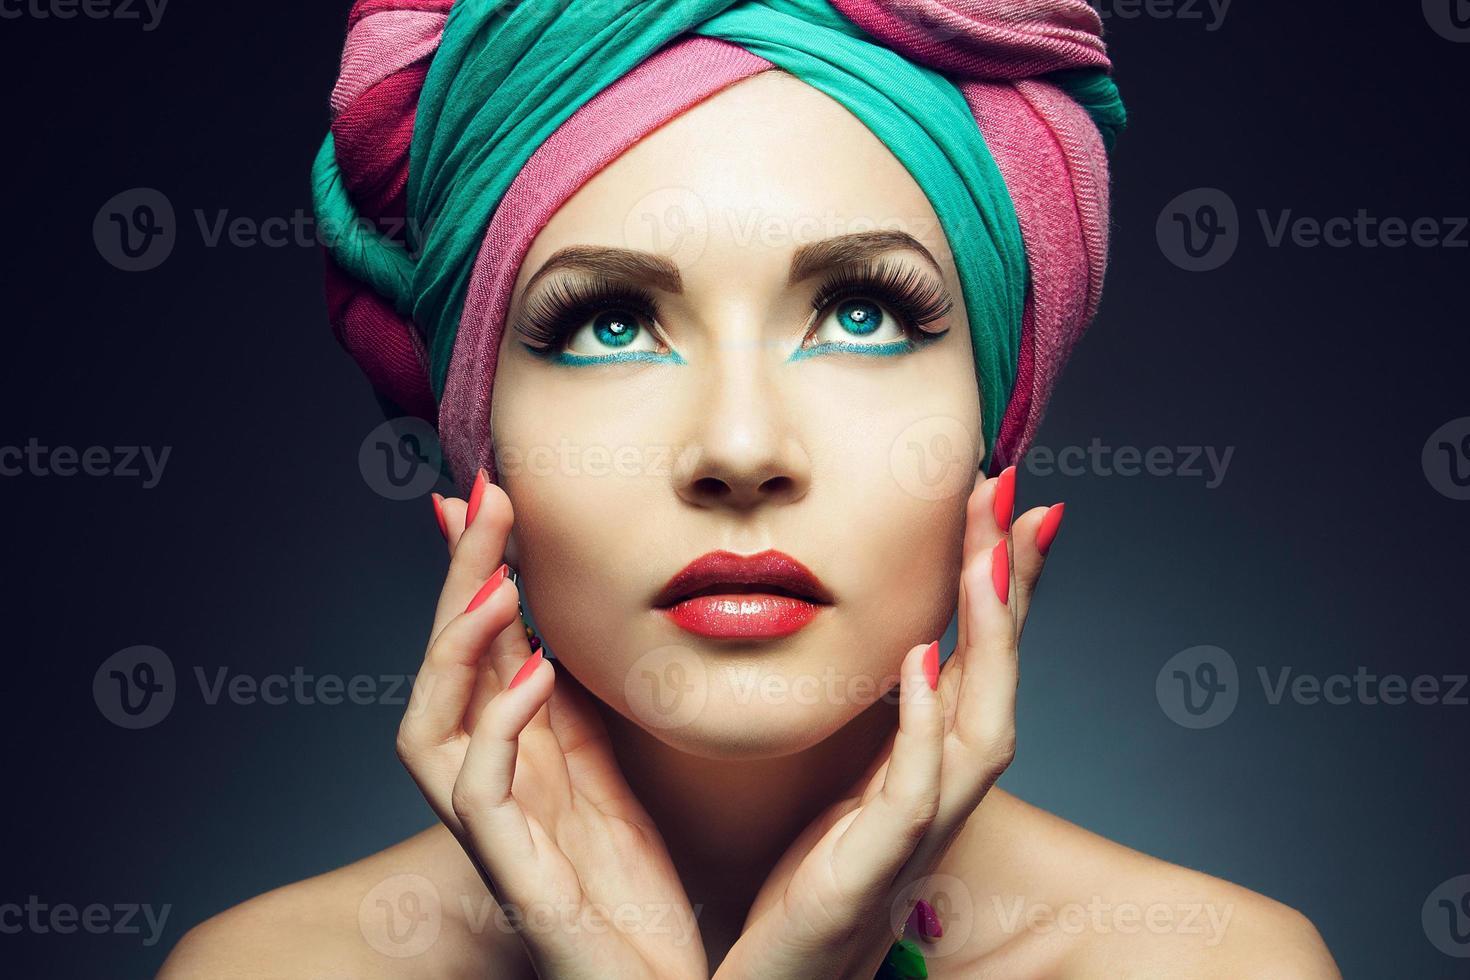 jeune femme portant un turban coloré photo